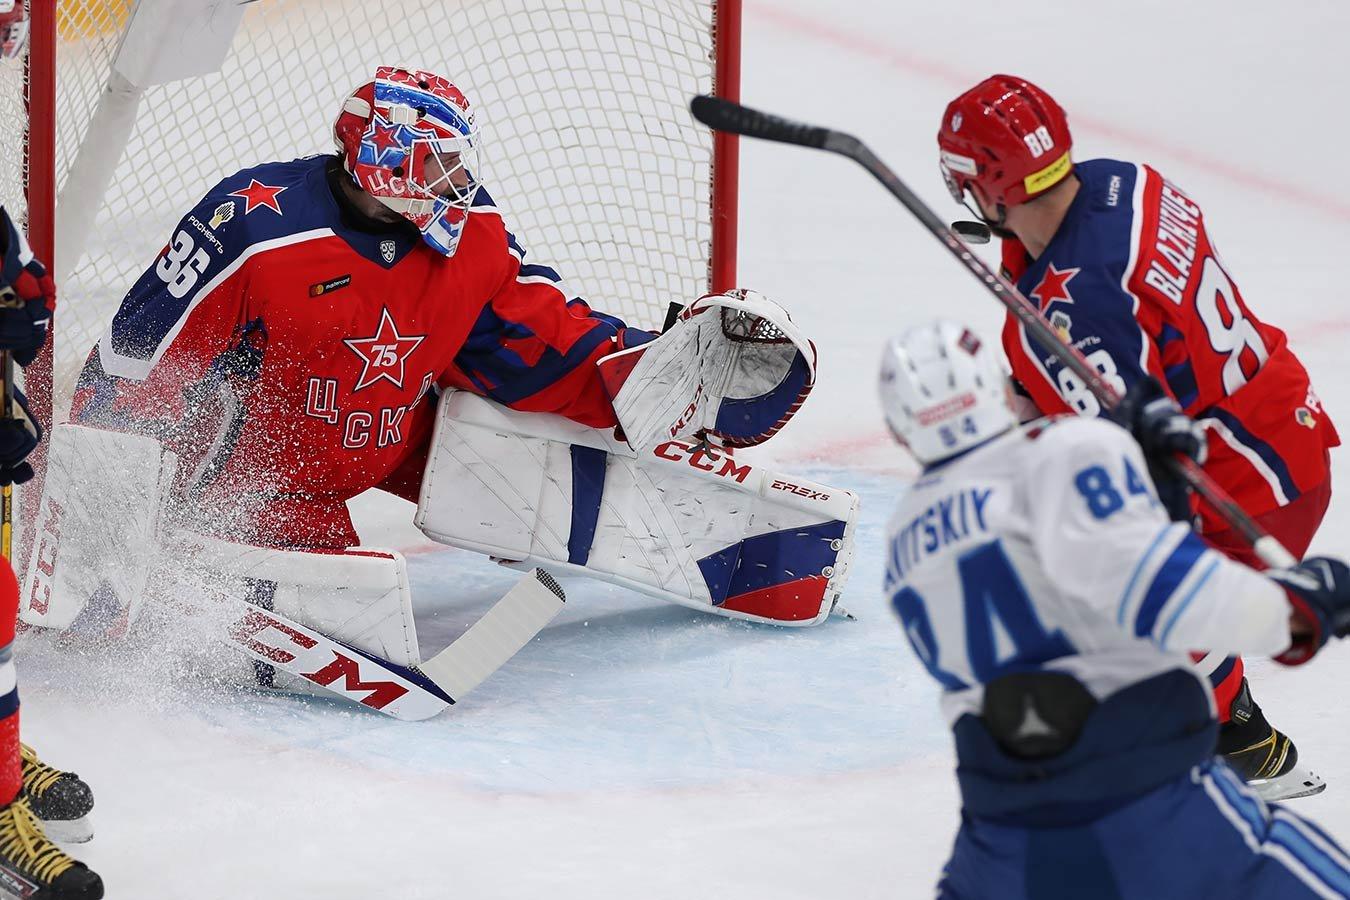 «Барыс» отыгрался с 0:2 и одержал крупную победу над ЦСКА, забросив пять шайб за период